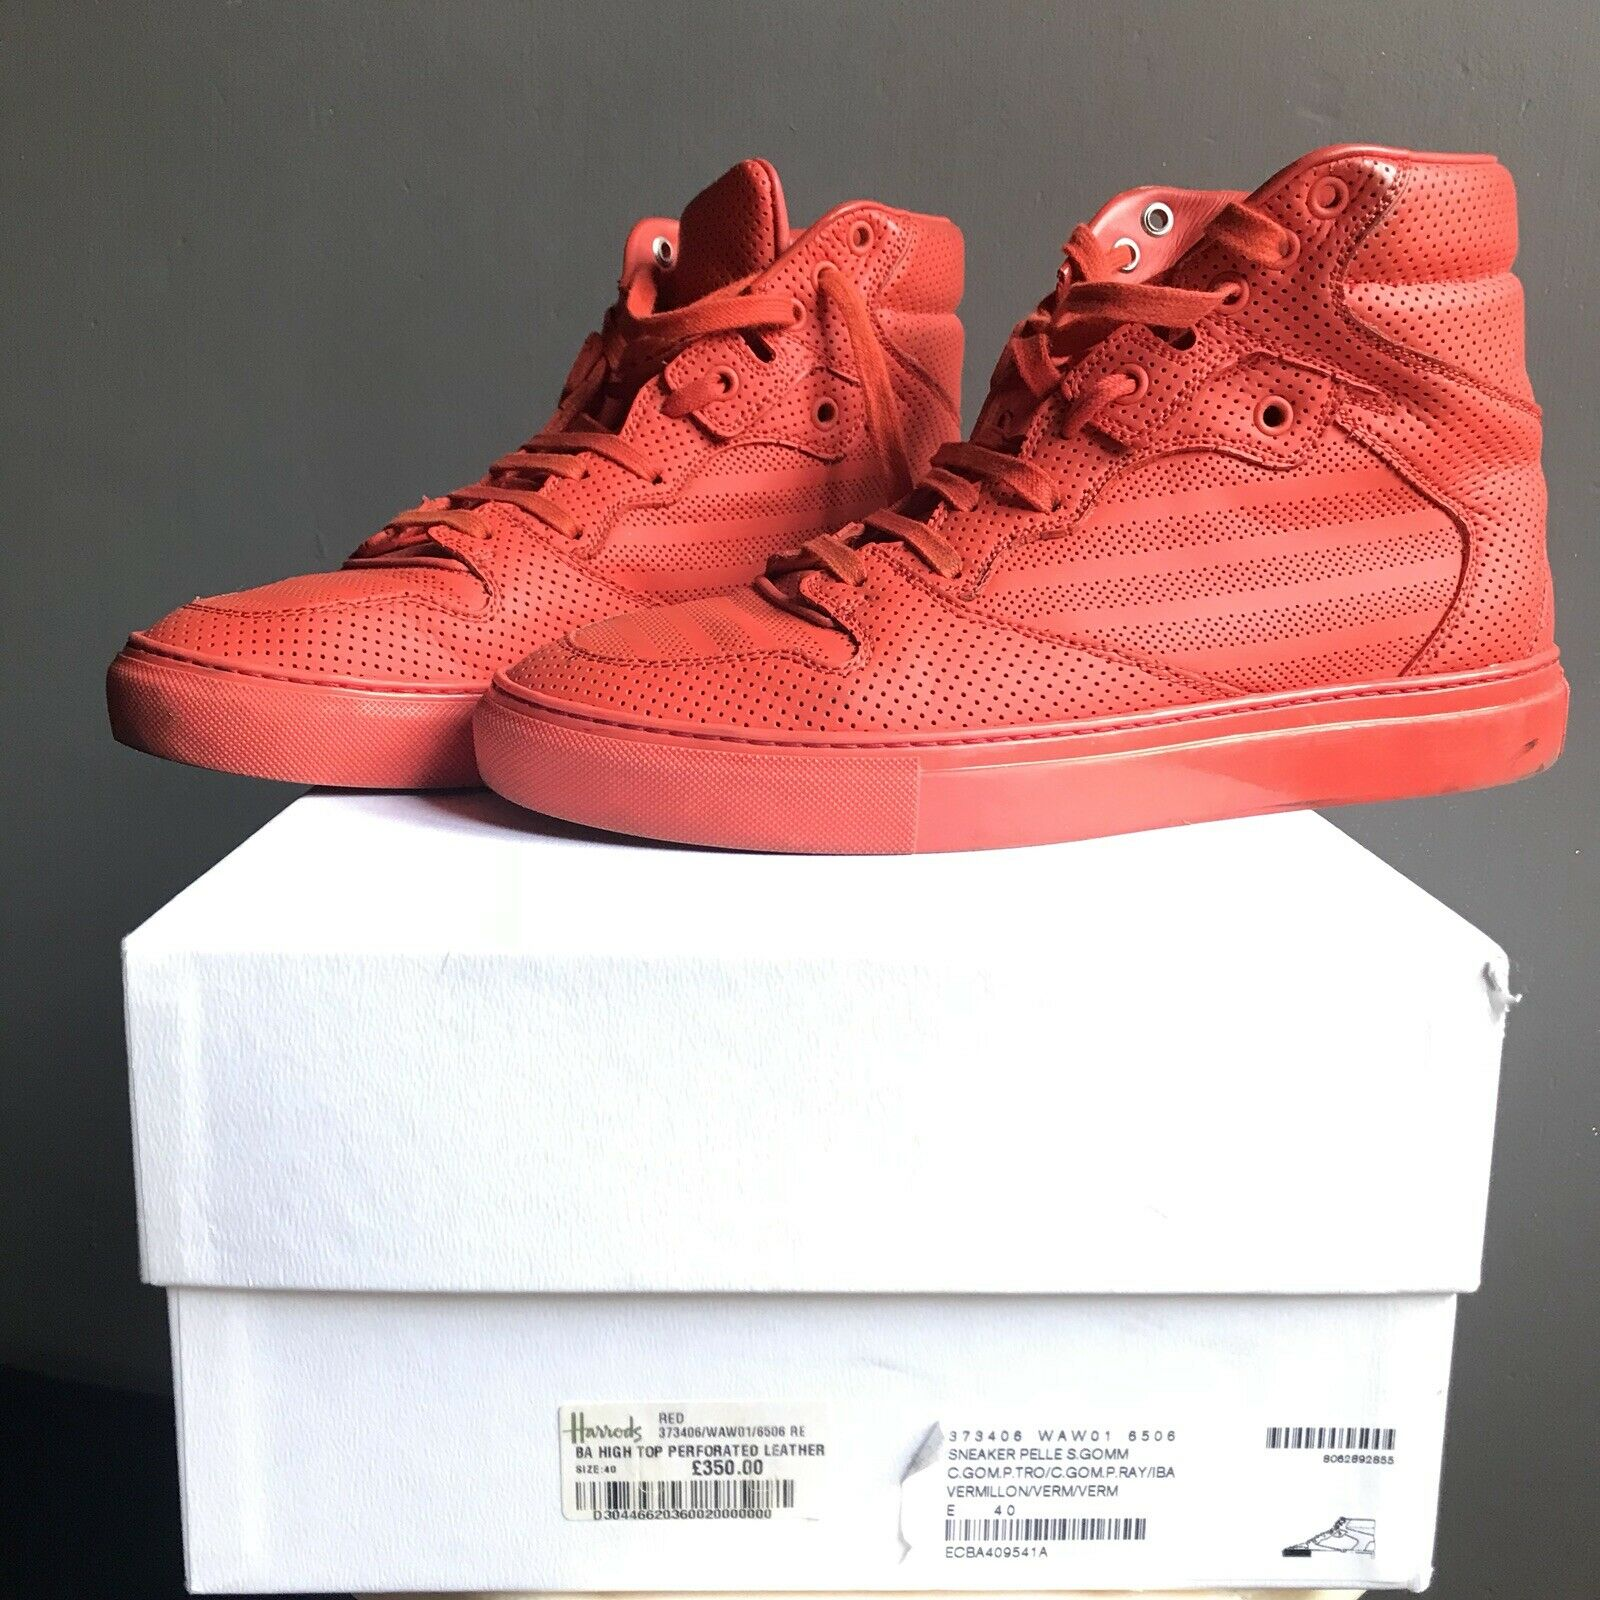 Balenciaga scarpe da ginnastica ginnastica ginnastica Piel  Perforado rosso Dimensione 40 8d8178